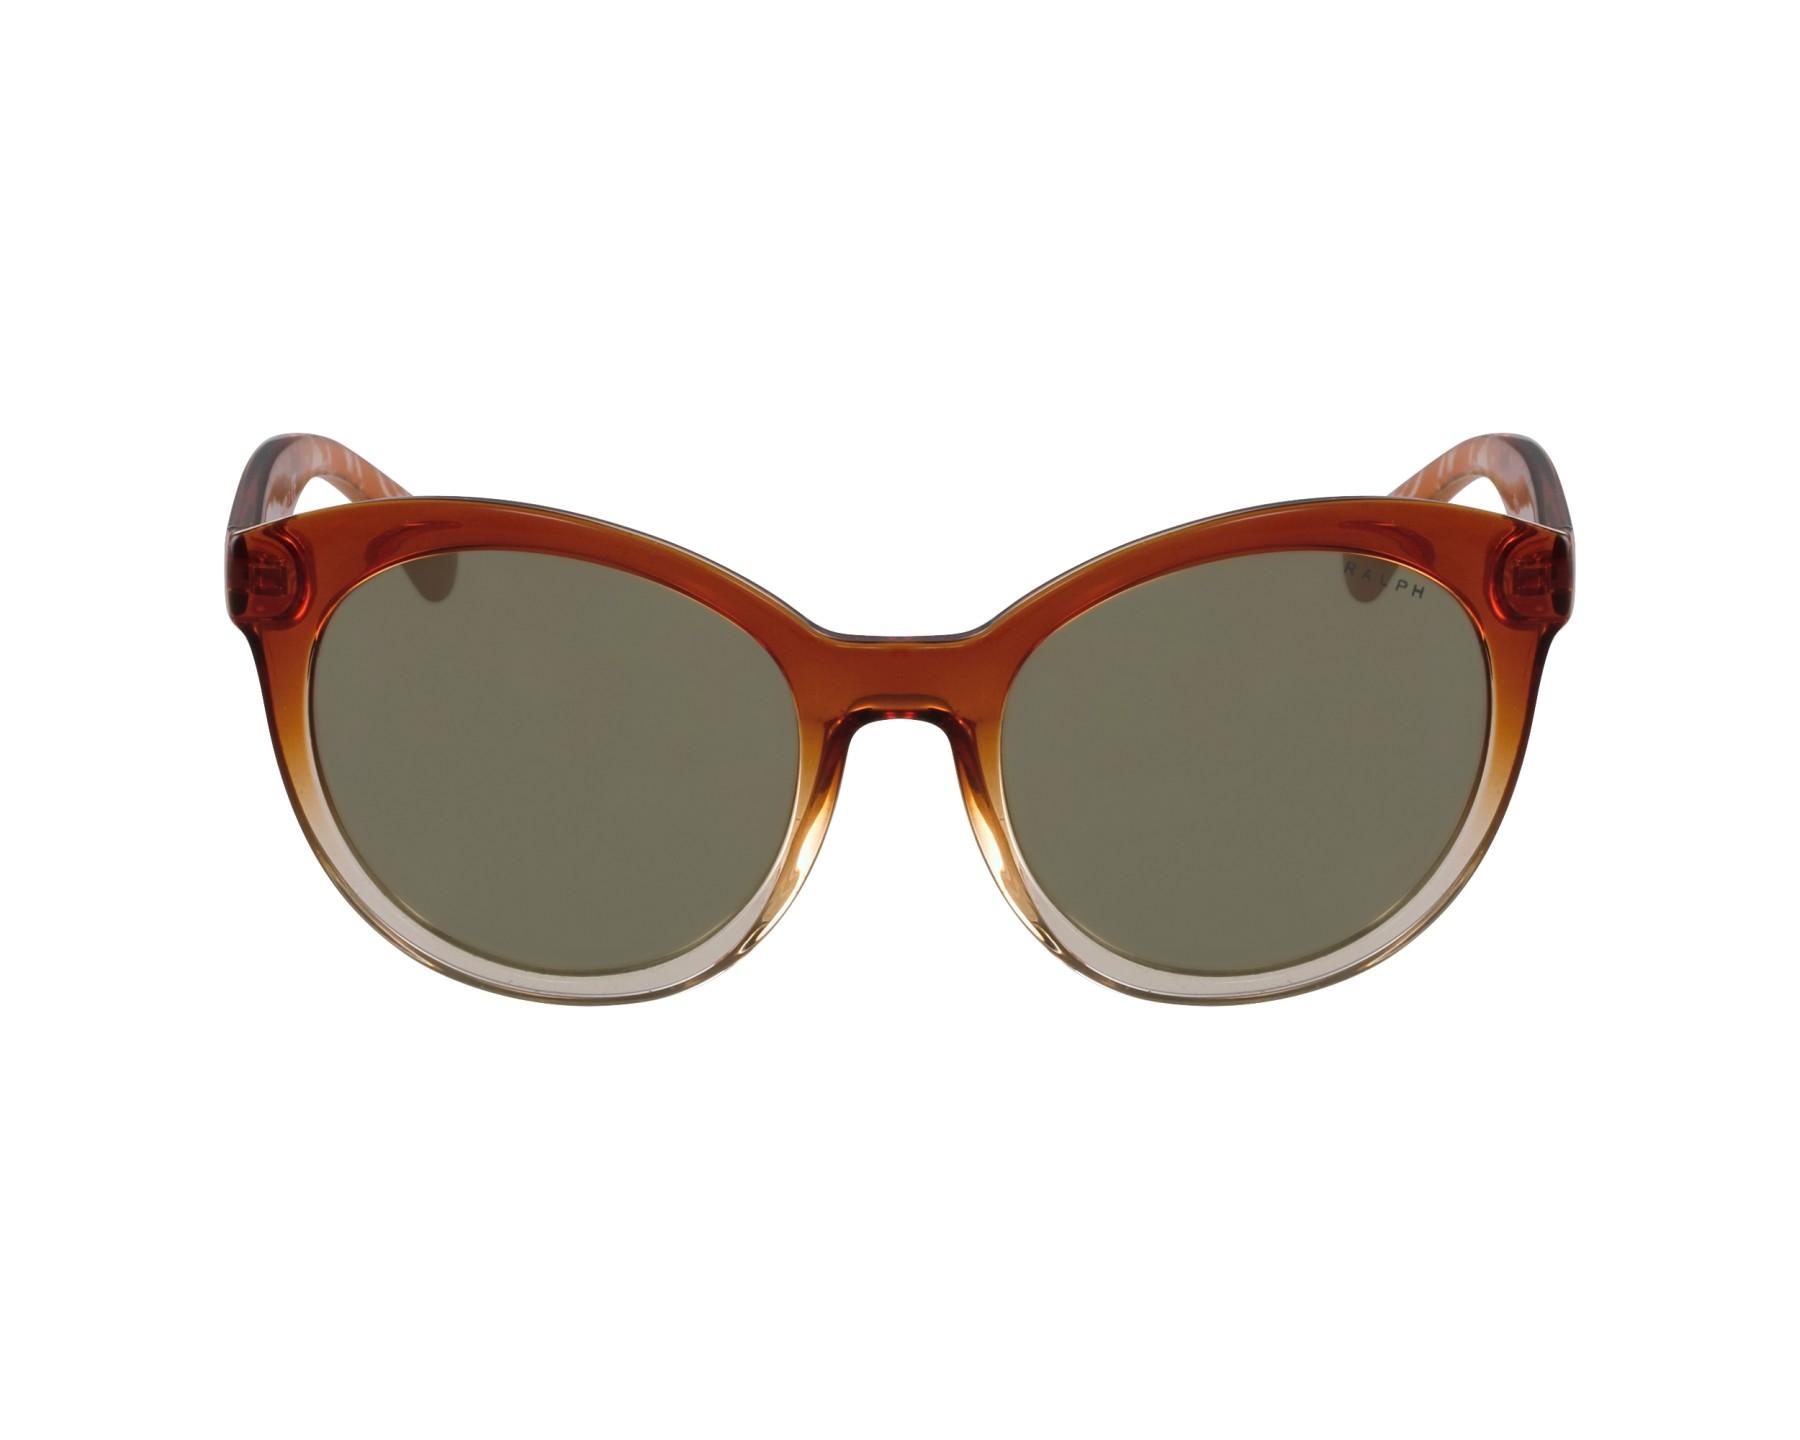 lunettes de soleil ralph by ralph lauren ra 5211 15156f marron avec des verres gris pour femmes. Black Bedroom Furniture Sets. Home Design Ideas